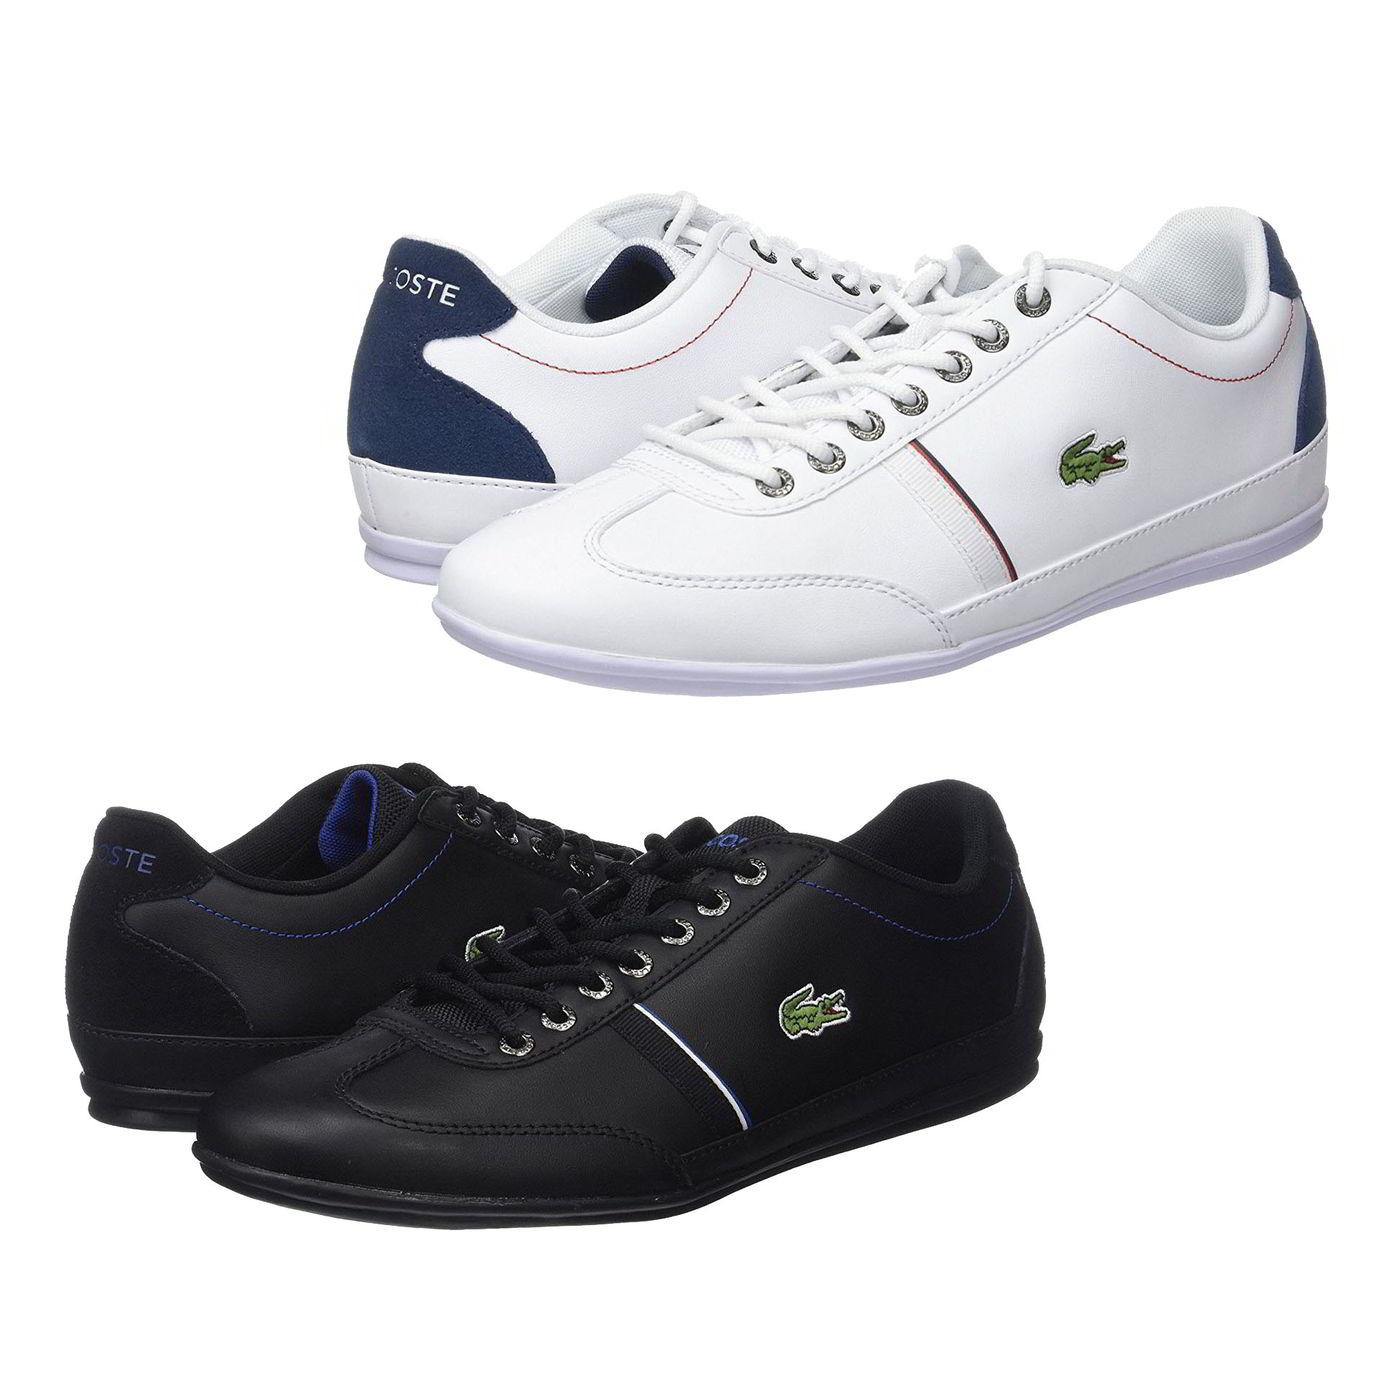 9a99faa3e4c90e Detalles de Lacoste Misano Sport 118 1 para Hombre de Cuero Blanco Azul  Tenis Shoes Size UK 7-12- ver título original